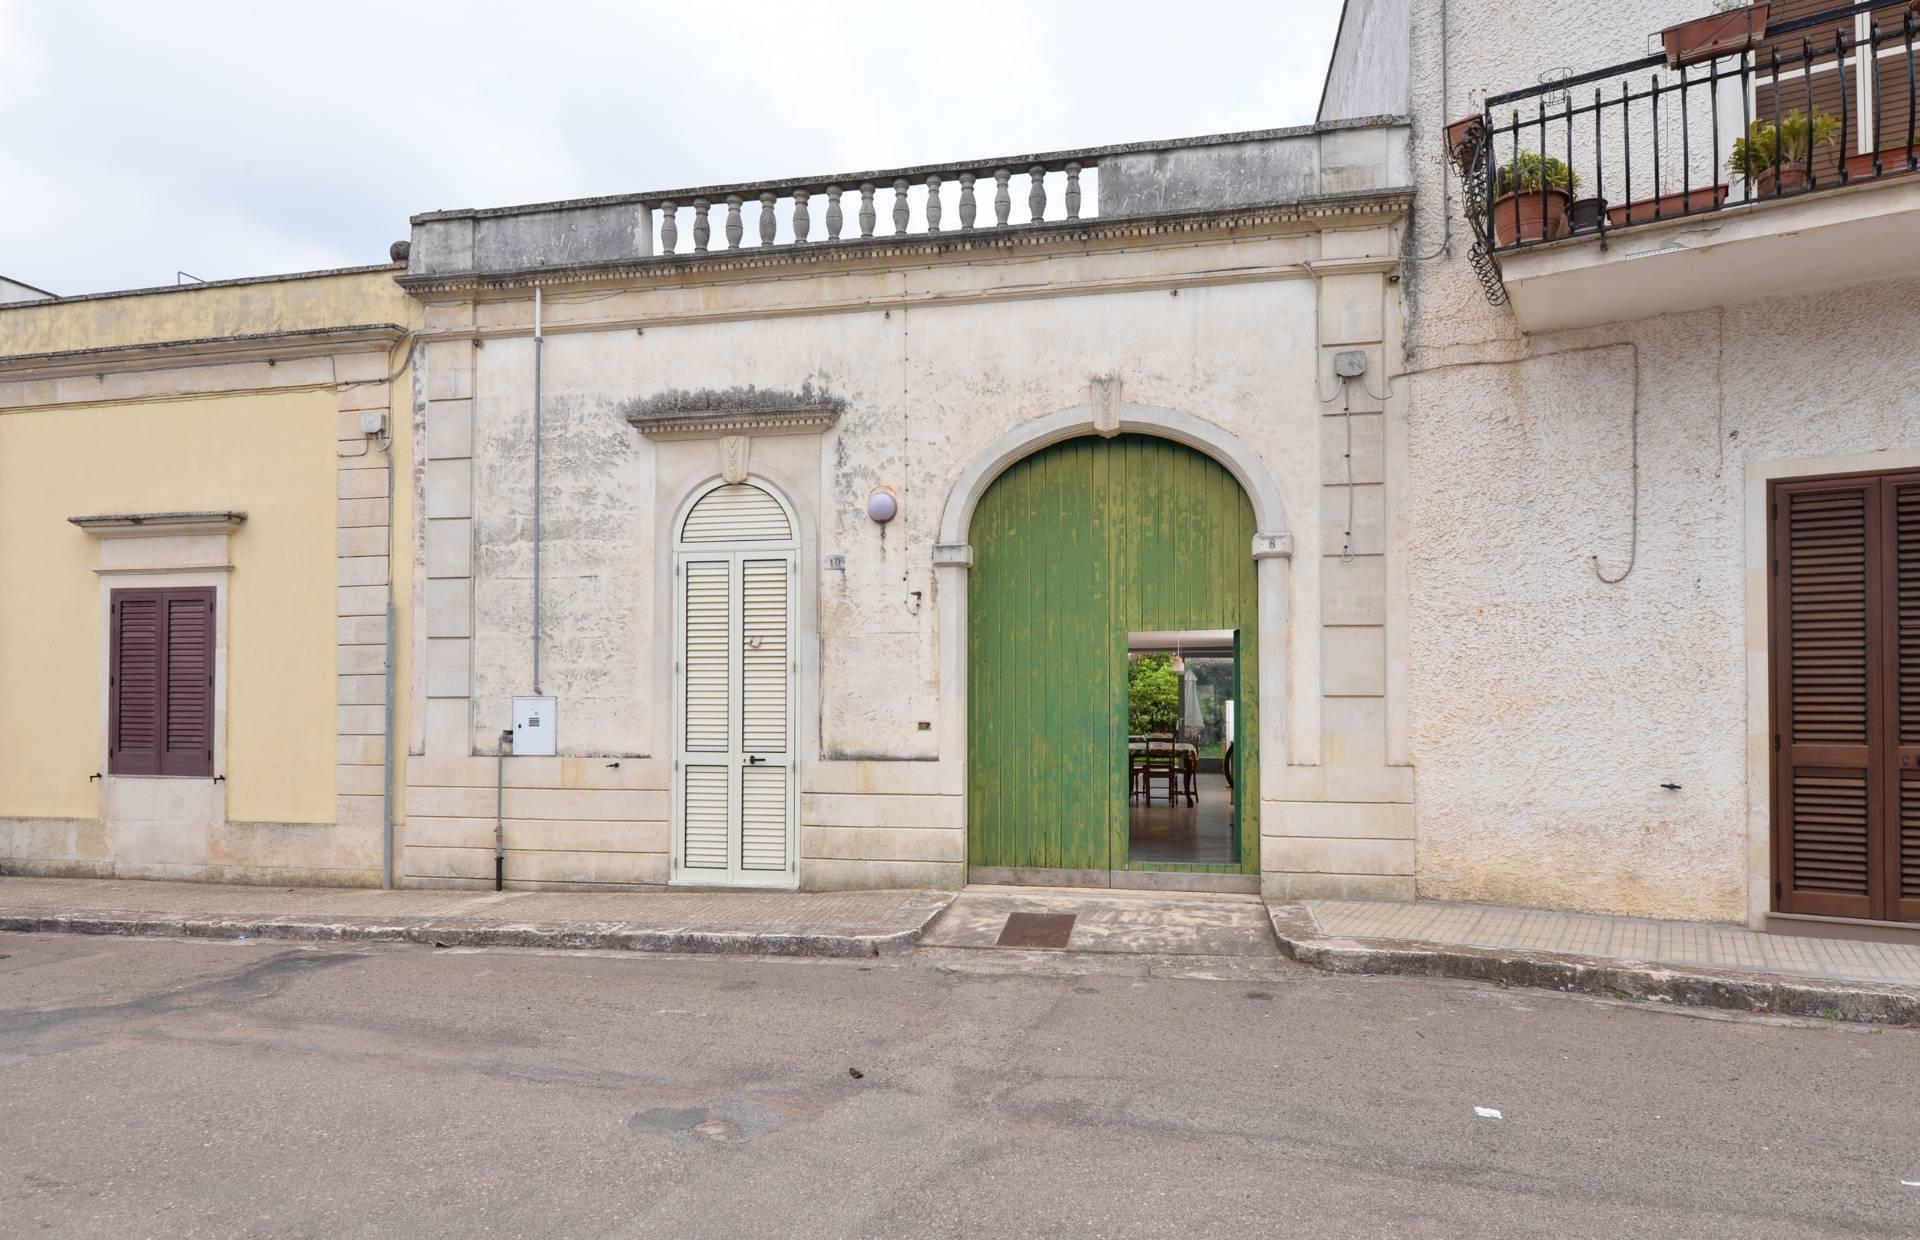 Soluzione Indipendente in vendita a Uggiano La Chiesa, 5 locali, prezzo € 155.000 | CambioCasa.it